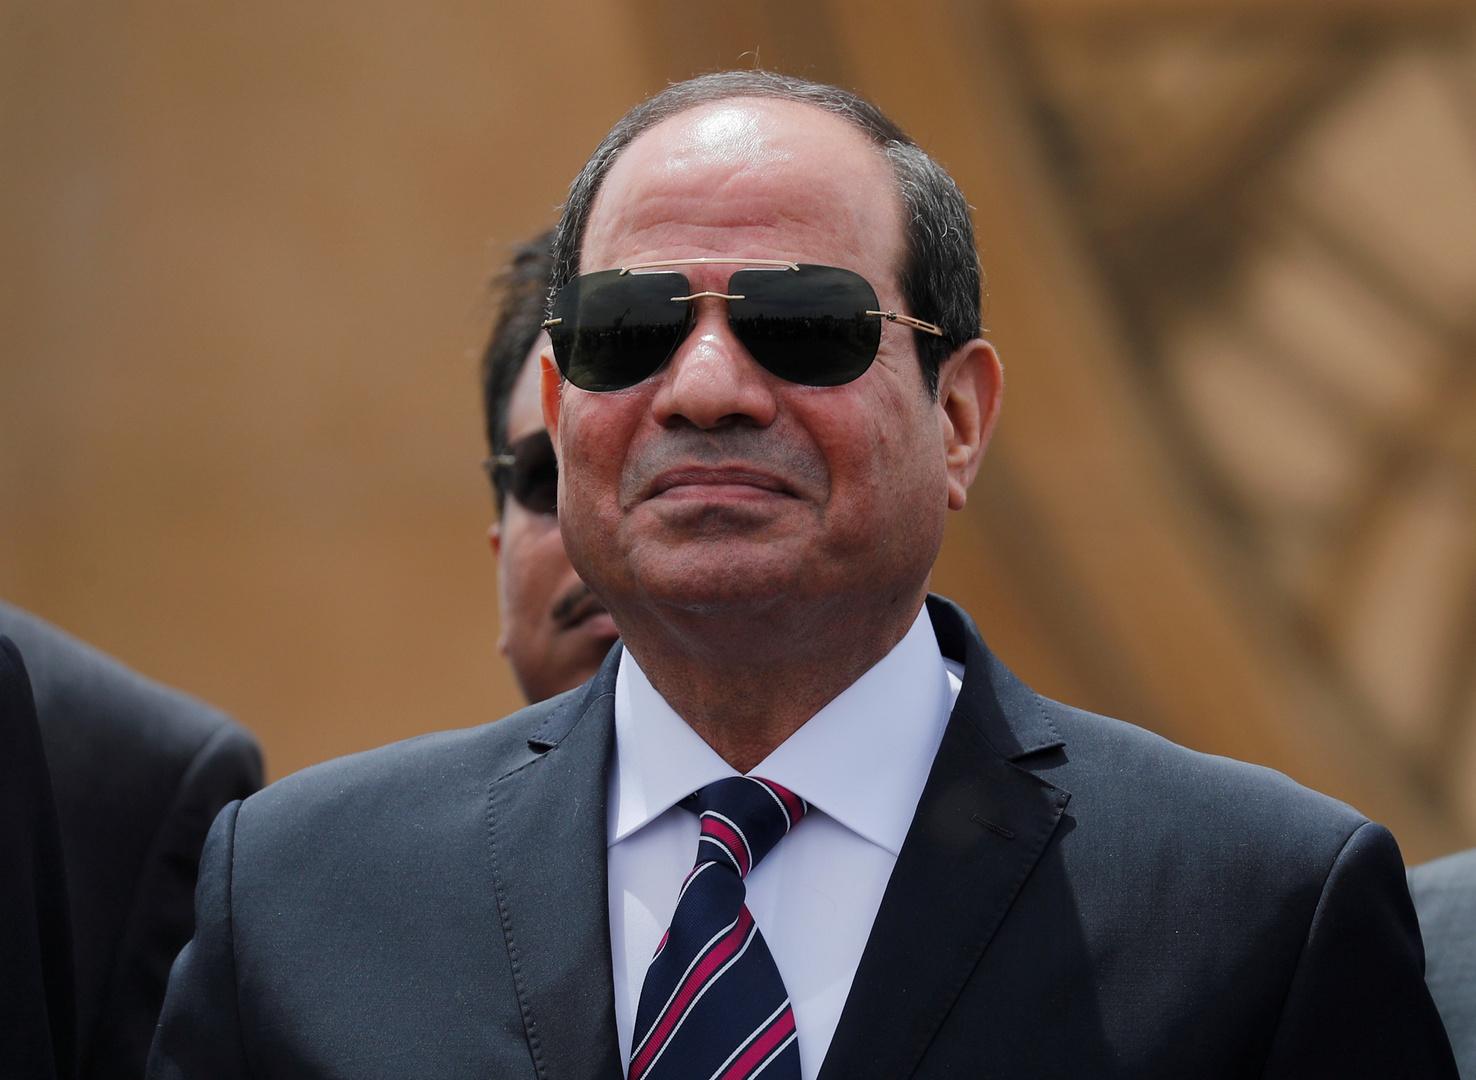 السيسي لمناسبة مئوية الأردن: التوافق الاستراتيجي بين مصر والأردن قادر على التعاطي مع كافة التحديات